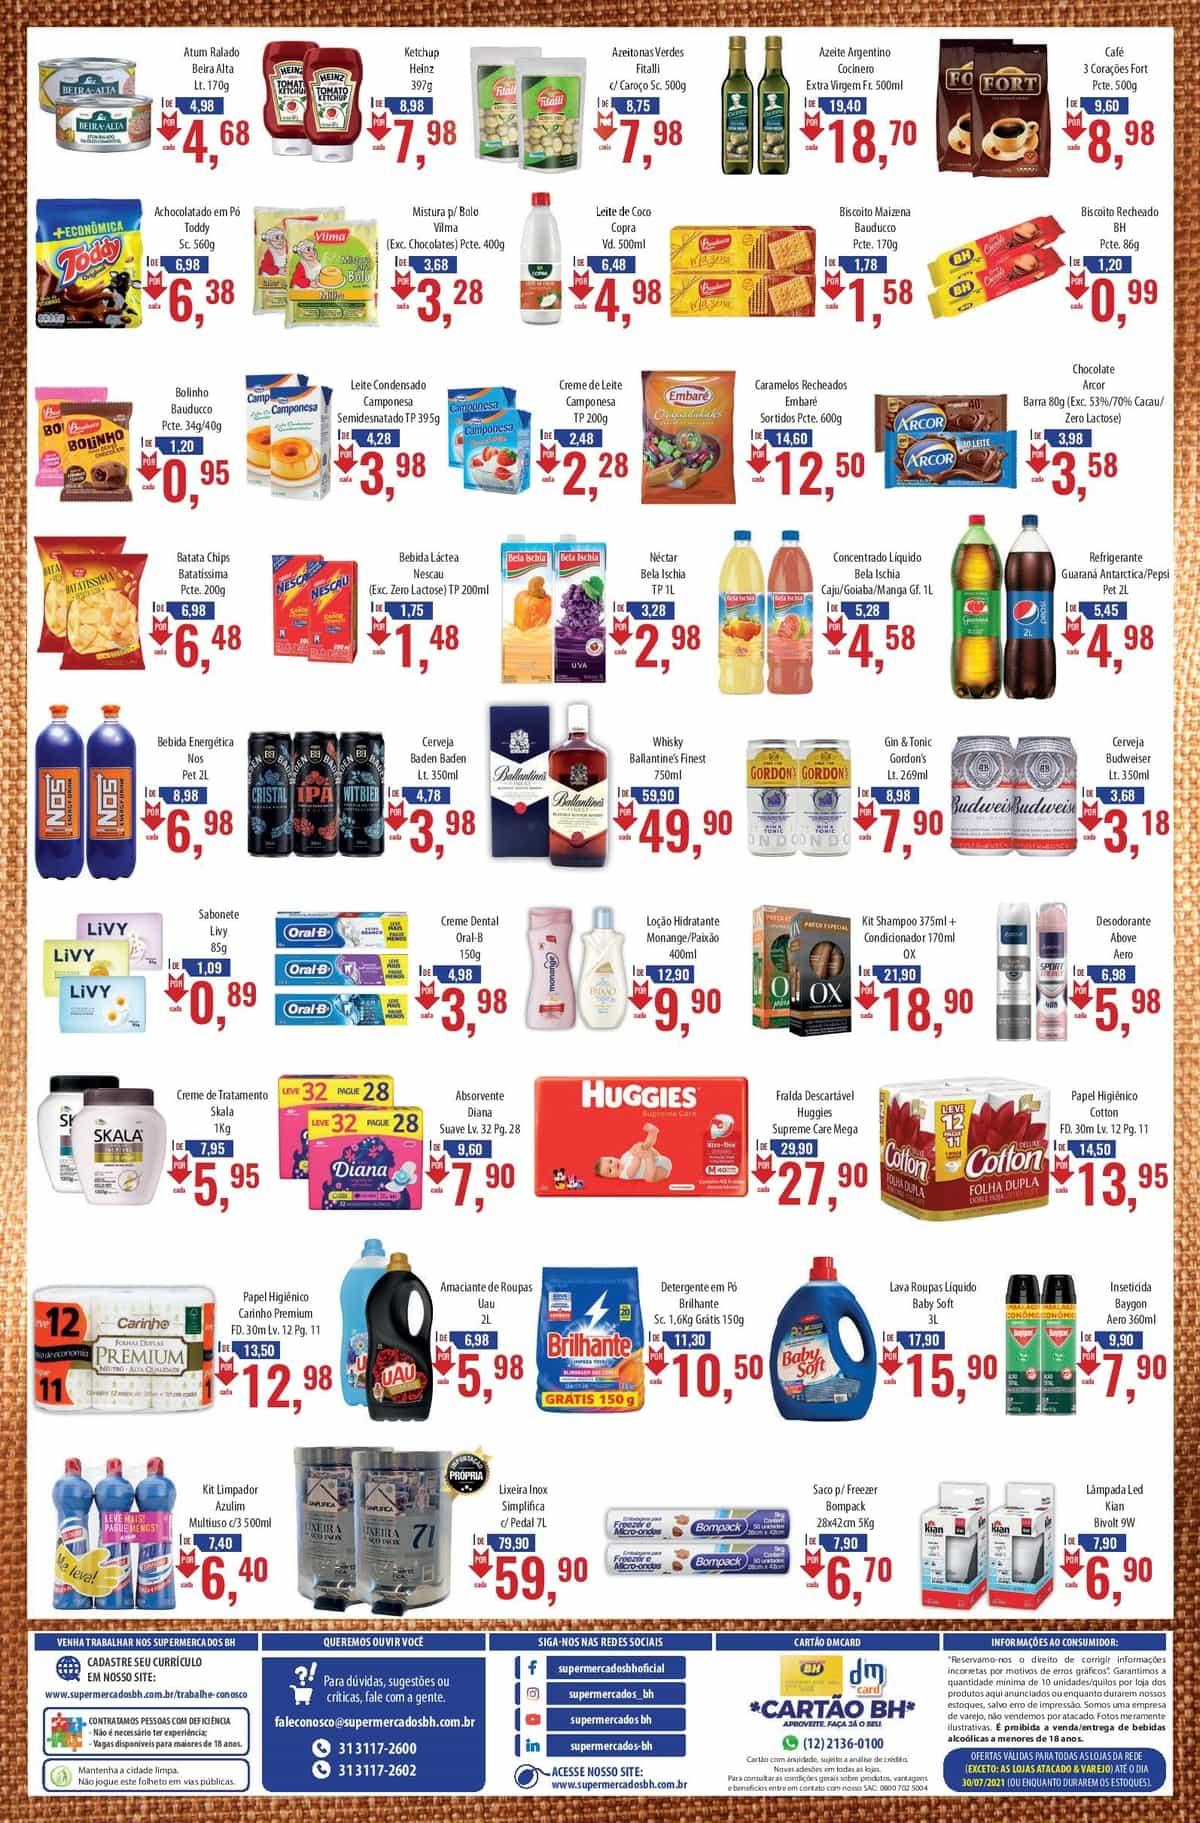 Ofertas Supermercados BH até 30/07